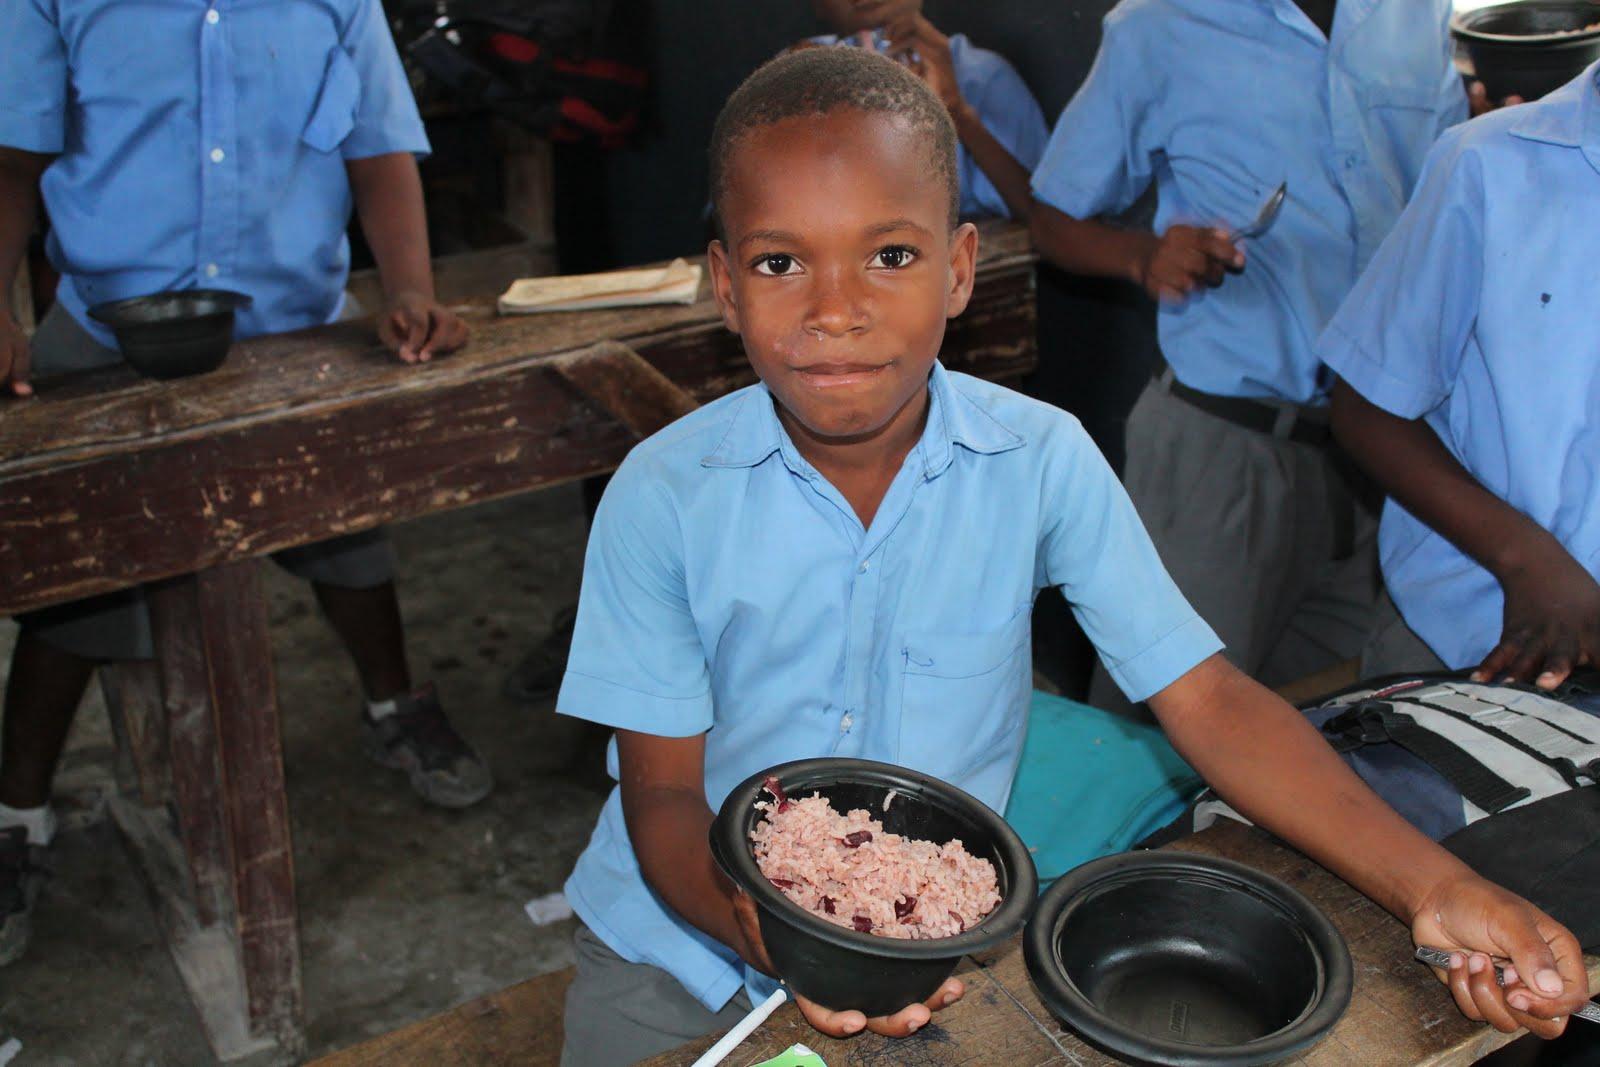 Thema des diesjährigen Missionssonntags ist Ernährung. / Le Dimanche des Missions sera entièrement placé sous le signe de l'alimentation.